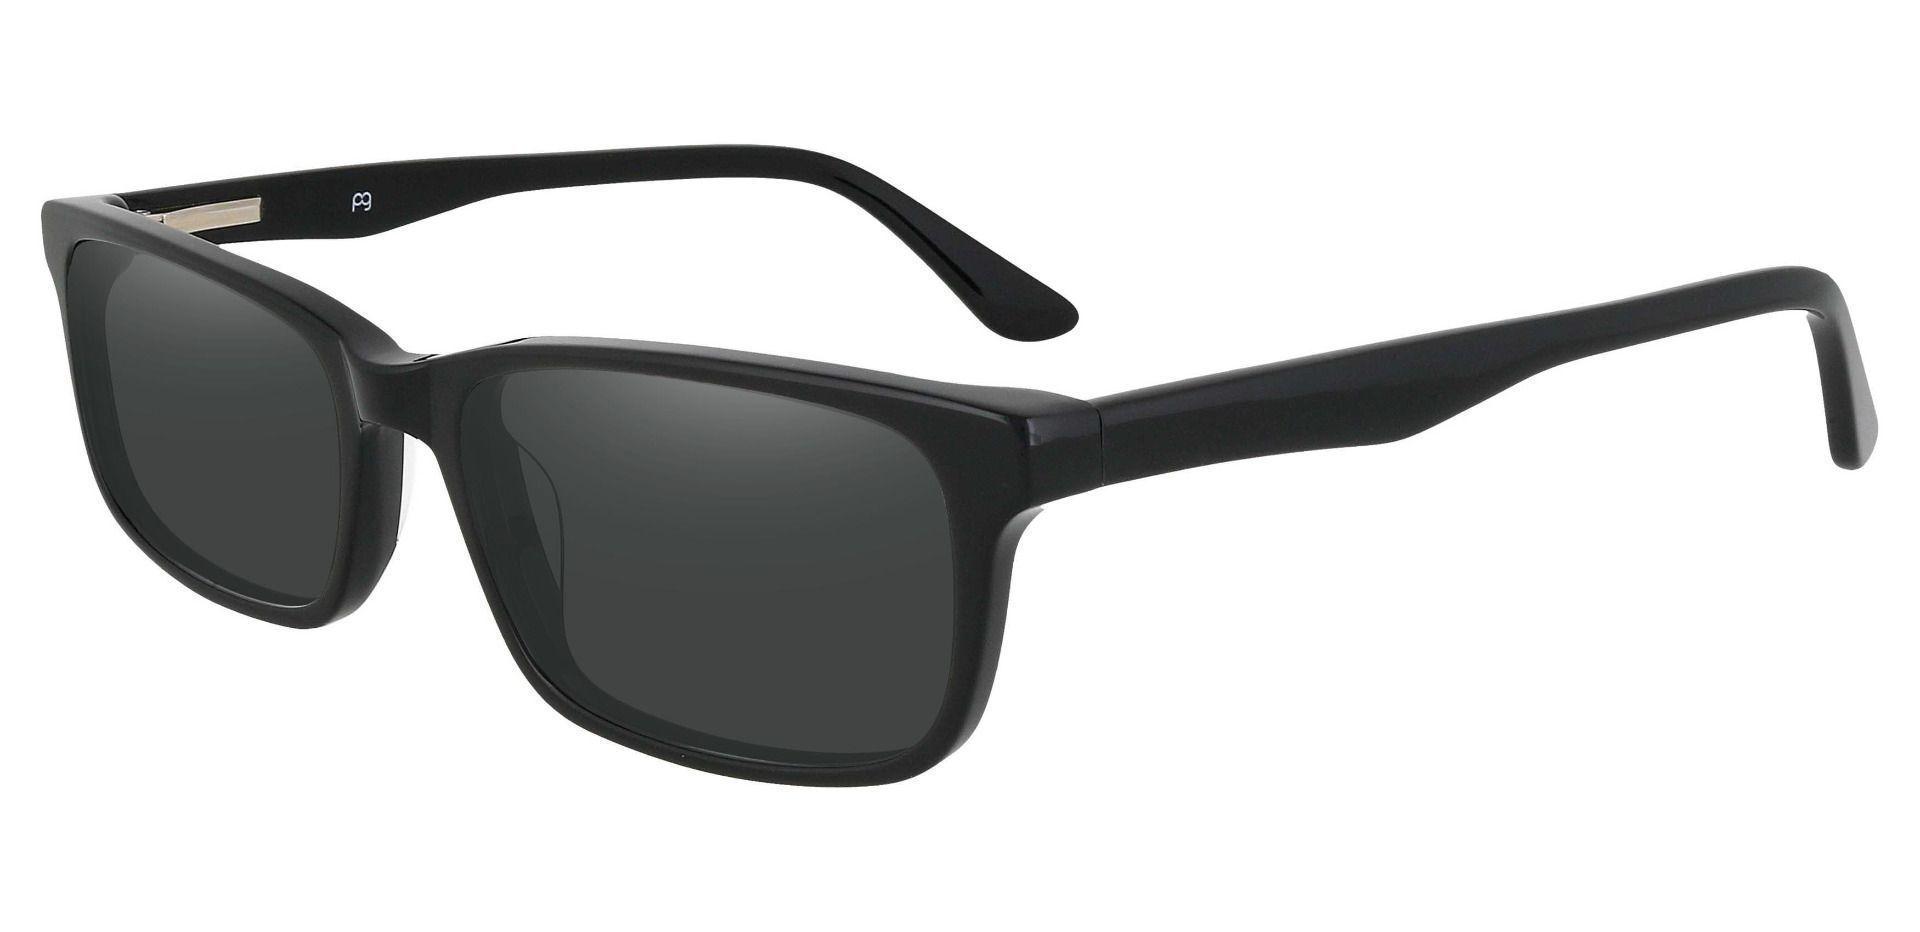 Ennis Rectangle Progressive Sunglasses - Black Frame With Gray Lenses